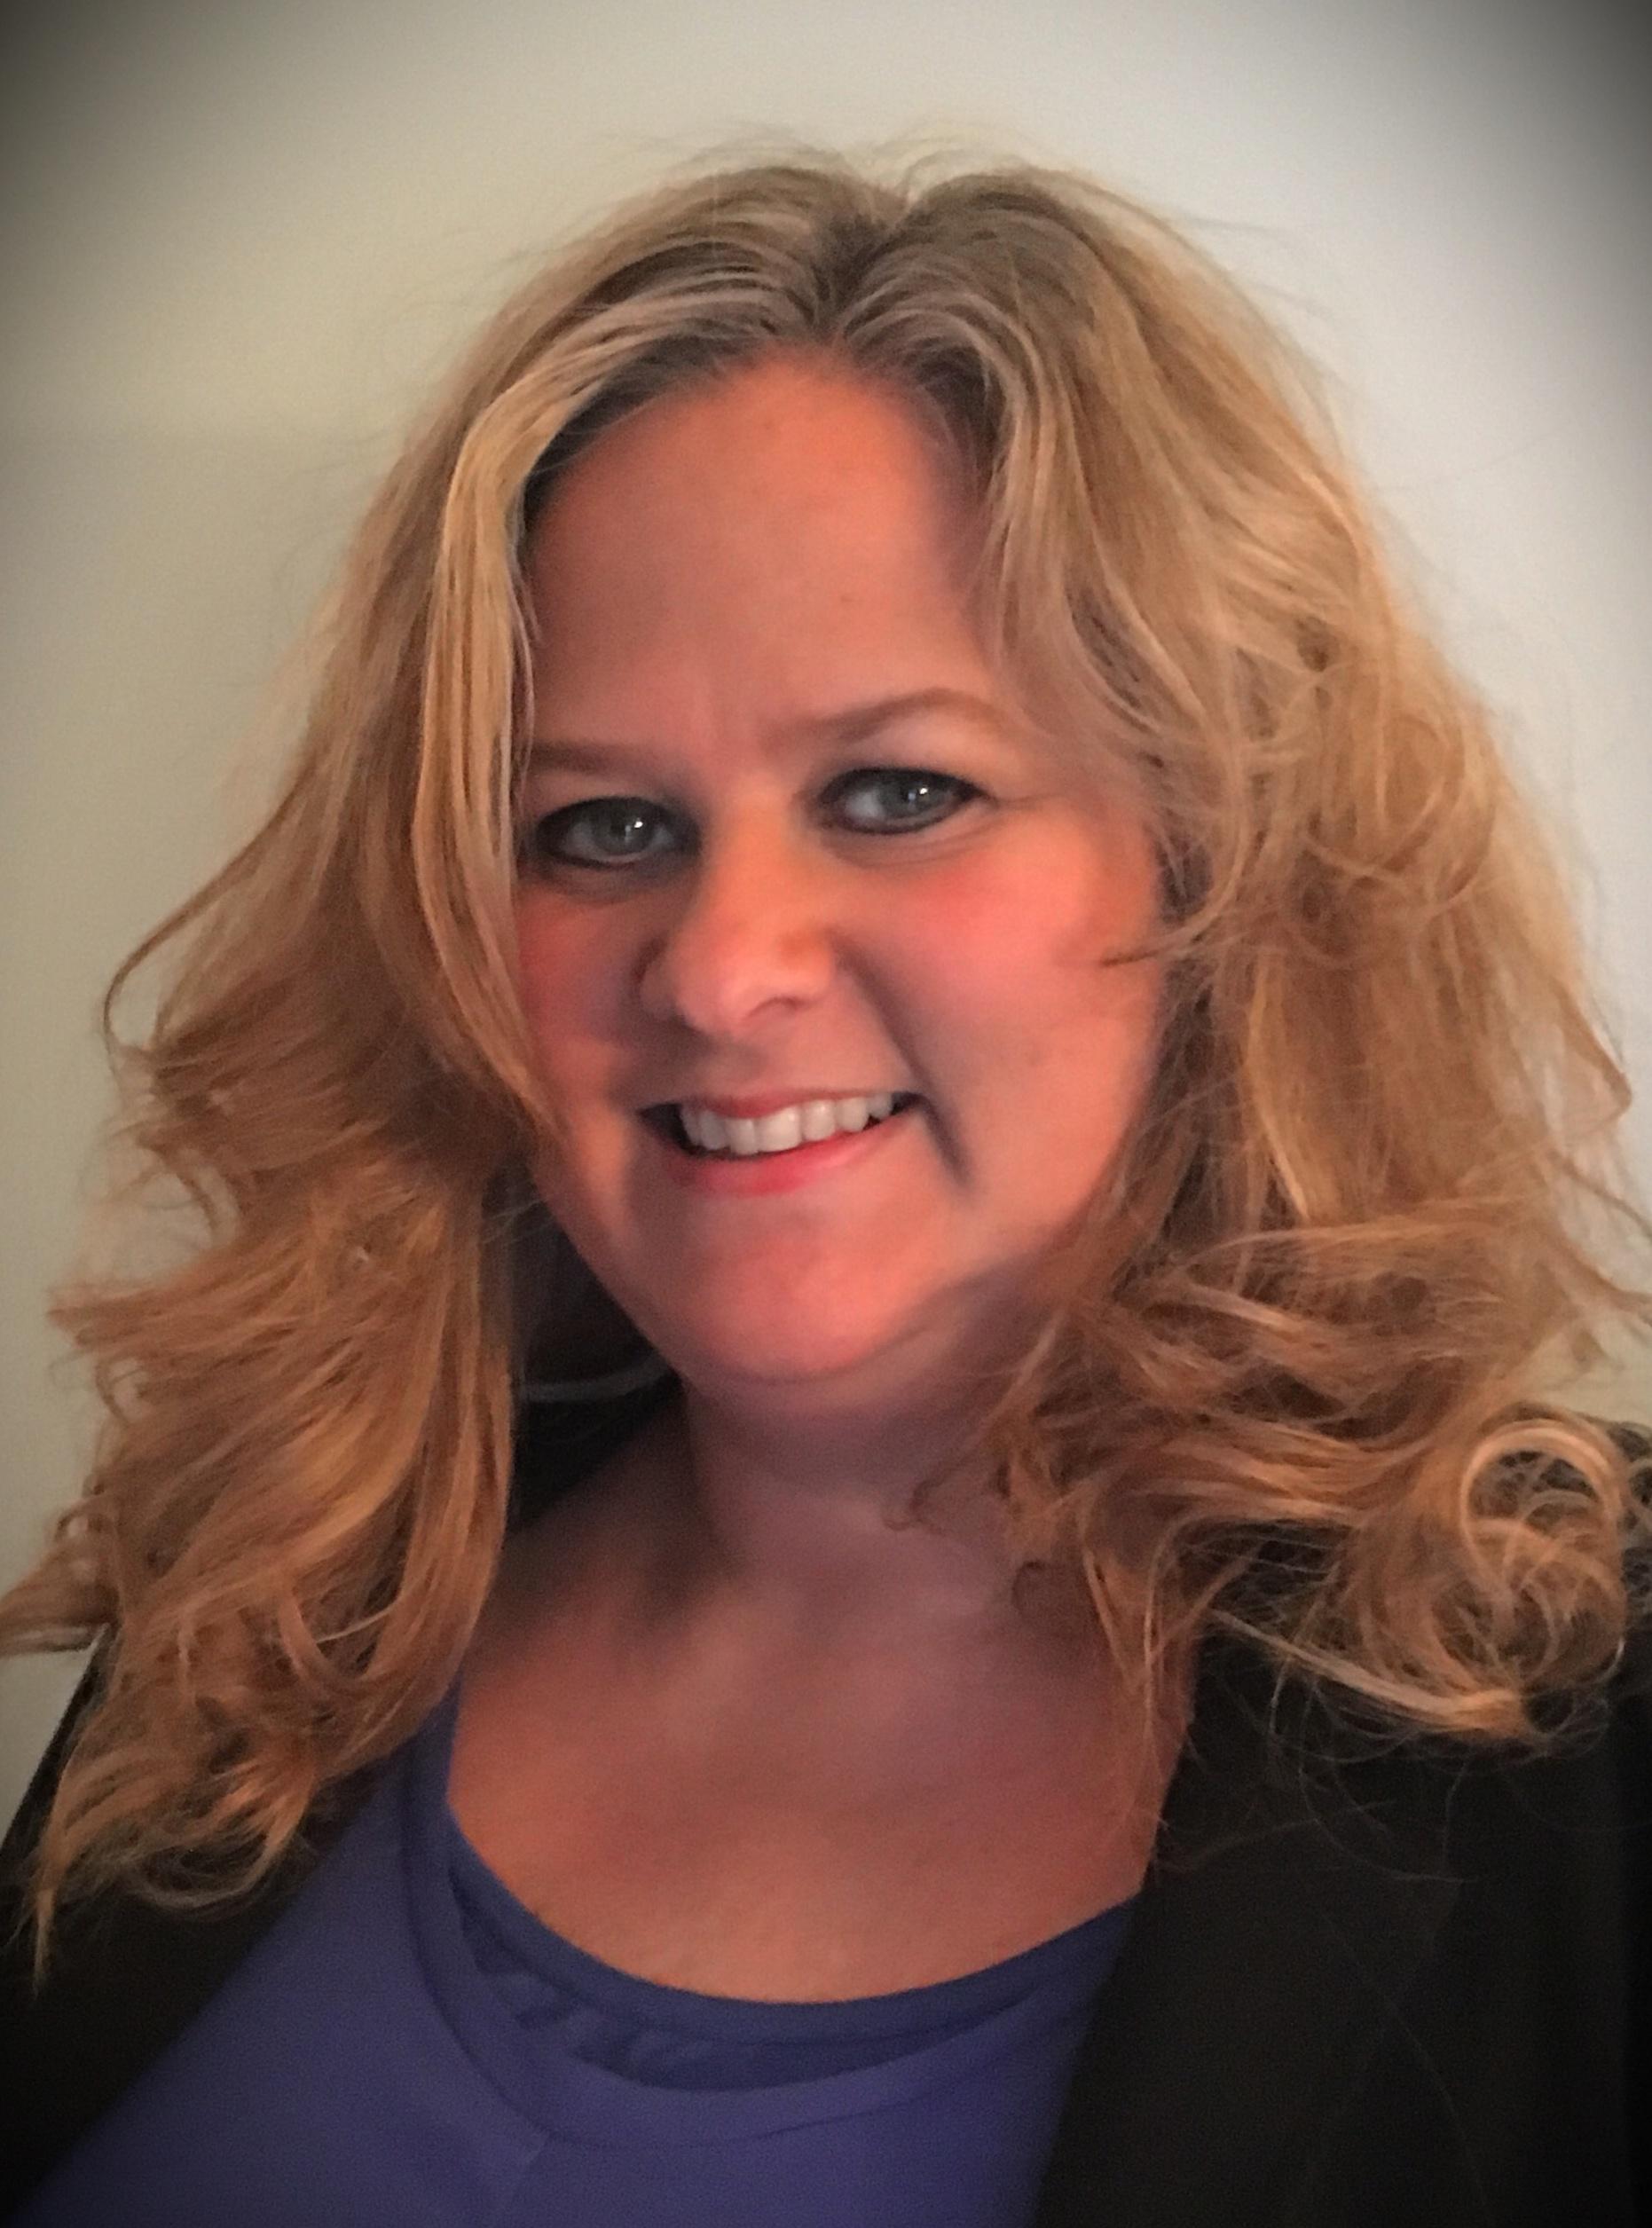 Erin Fullerman